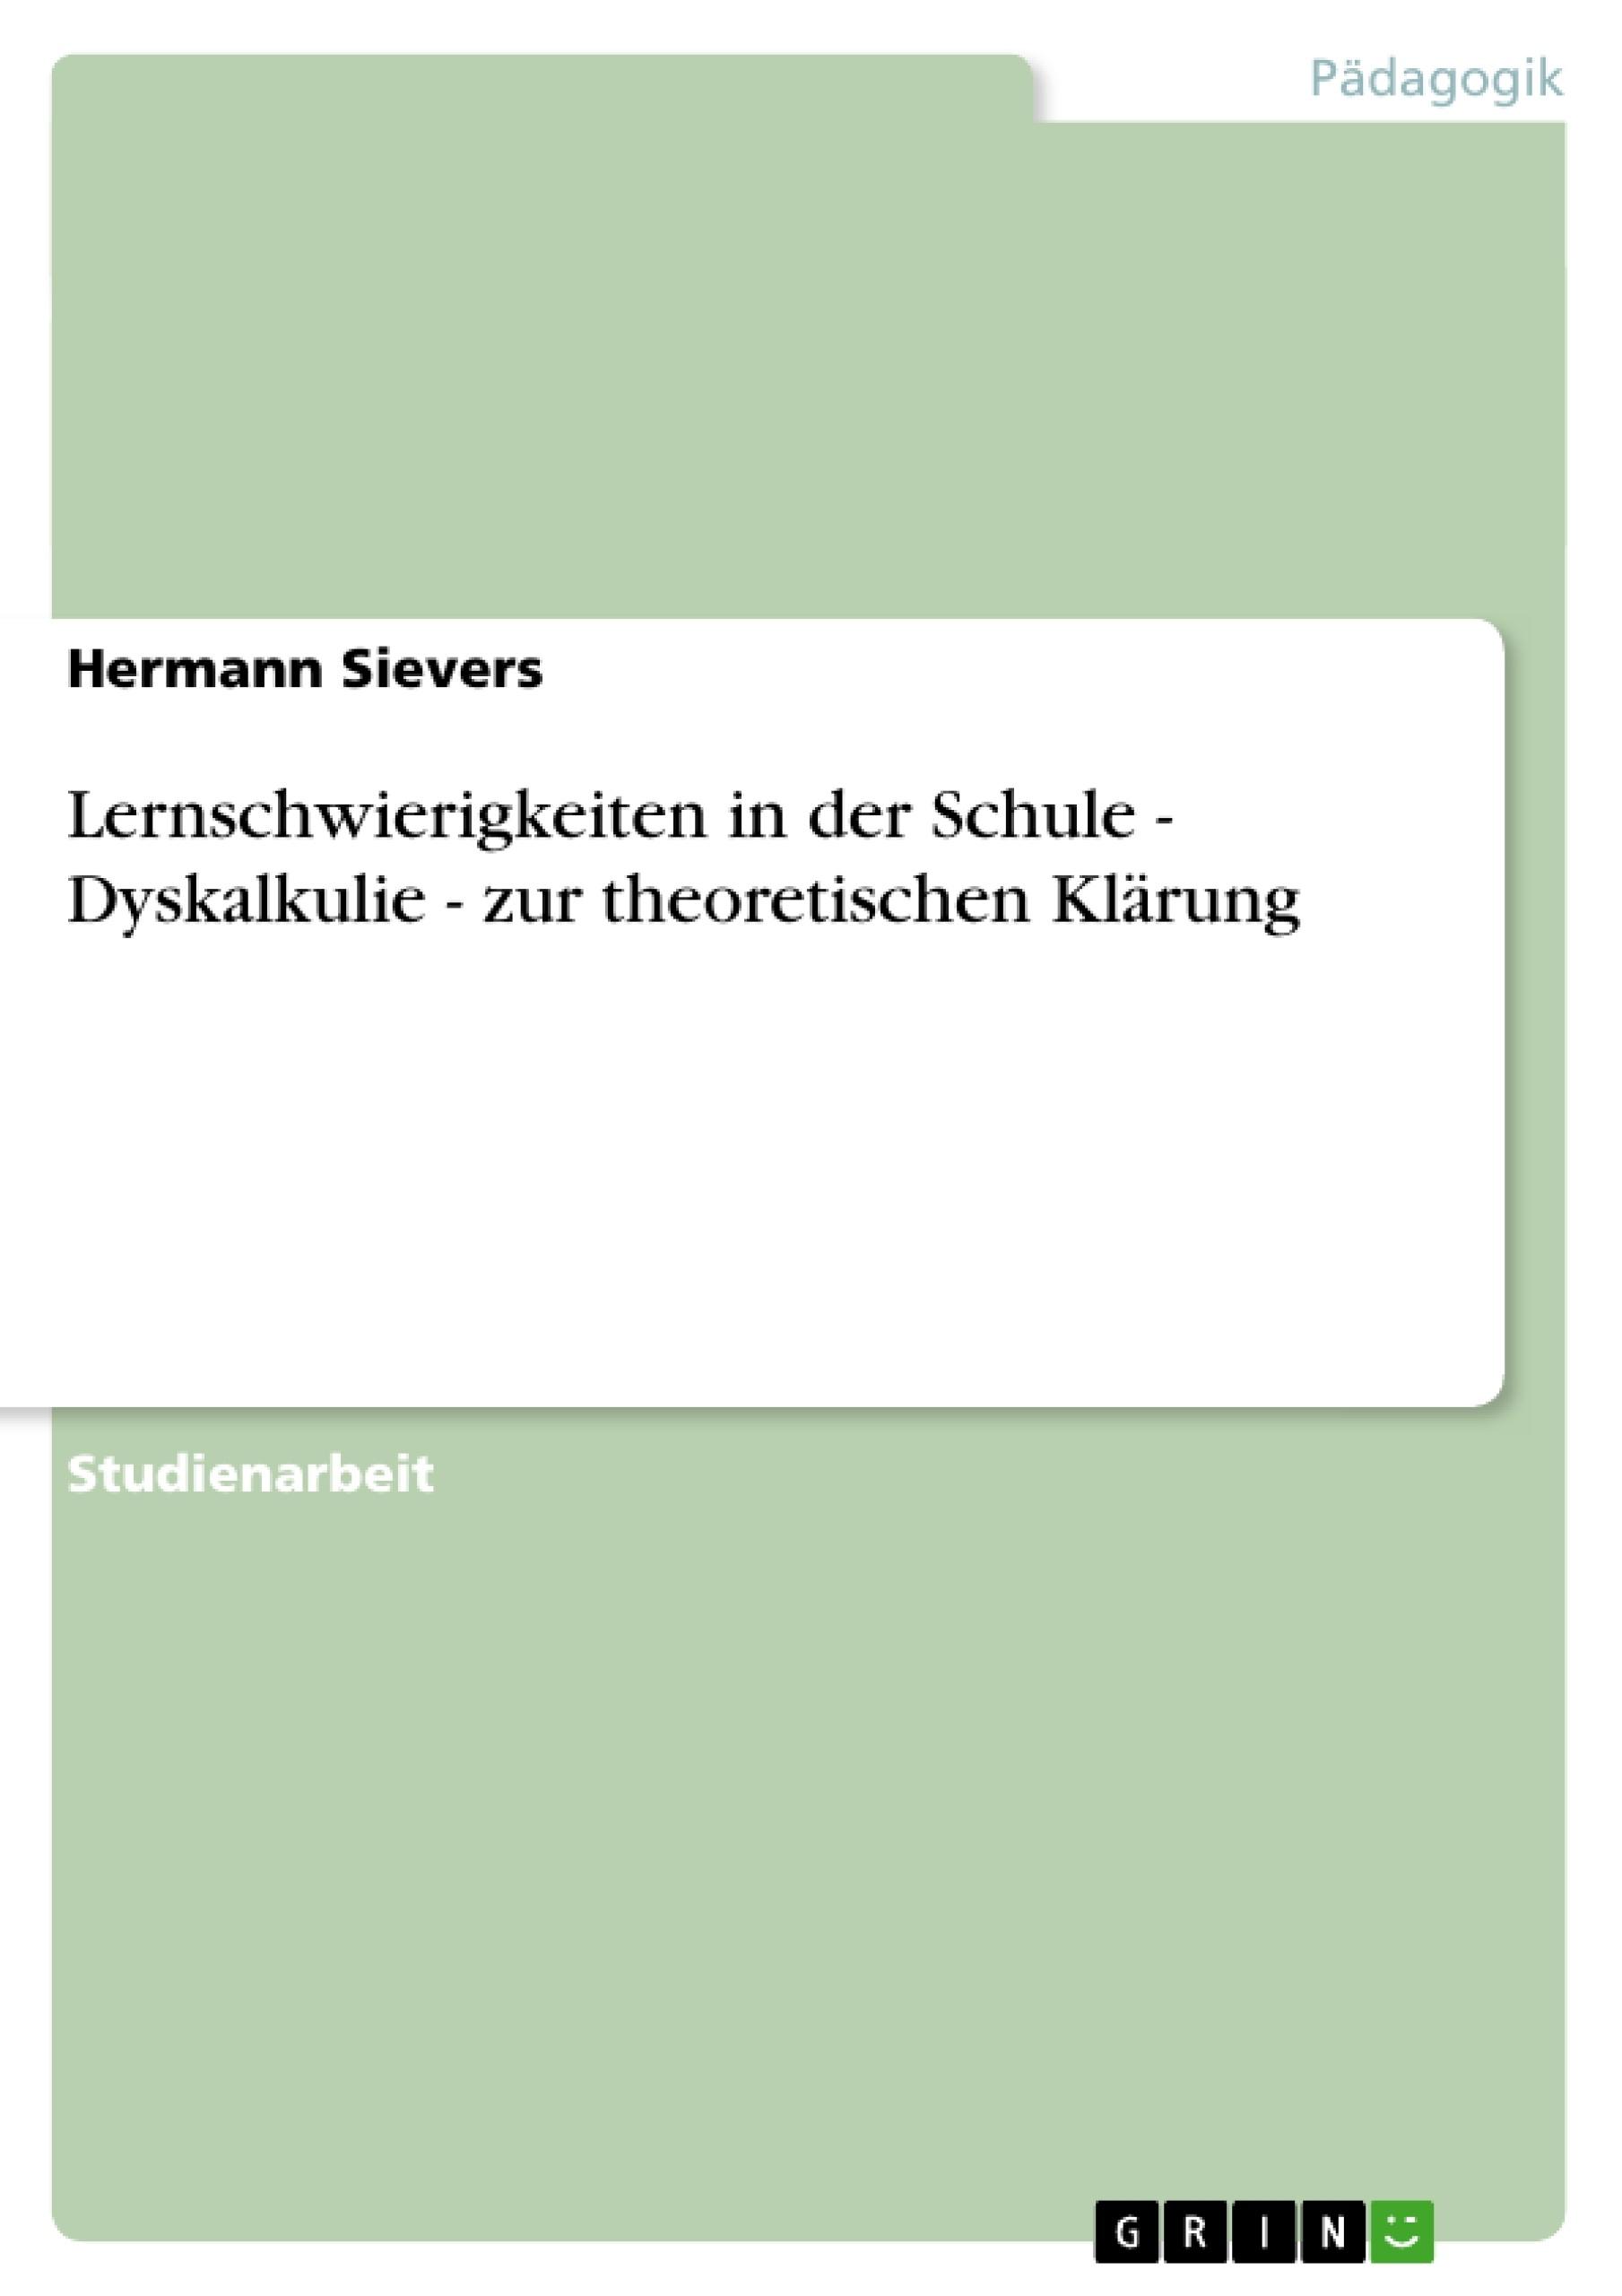 Titel: Lernschwierigkeiten in der Schule - Dyskalkulie - zur theoretischen Klärung